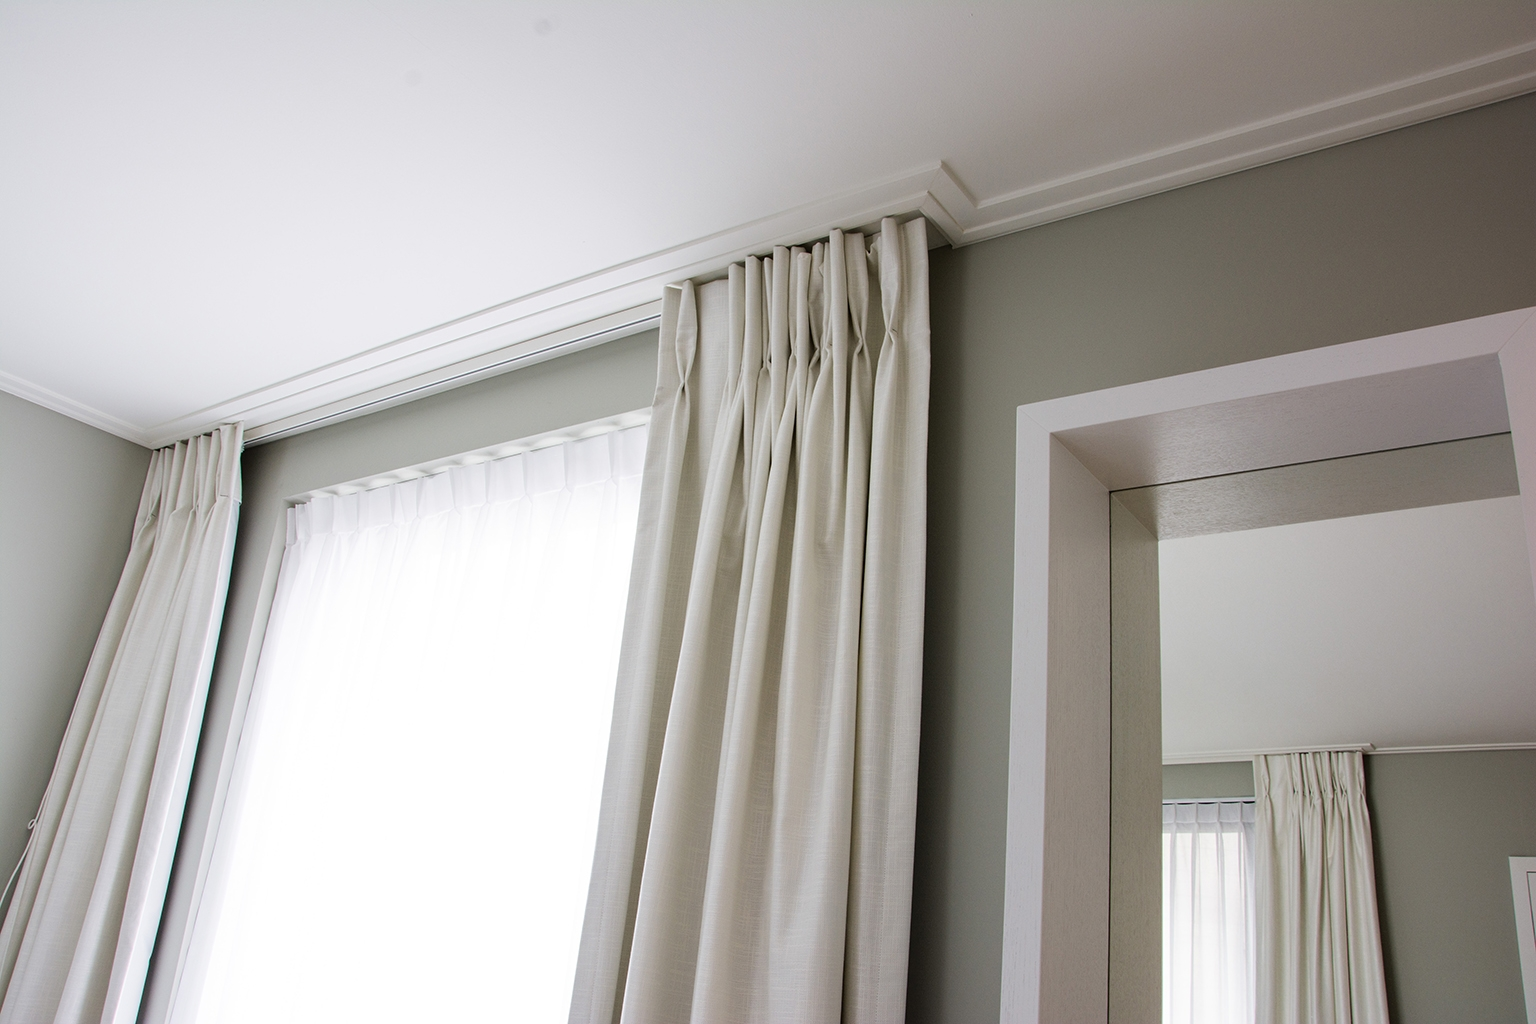 Скрытый потолочный карниз для штор: размеры ниши для штор, чем его можно закрыть и как оформить плинтусом